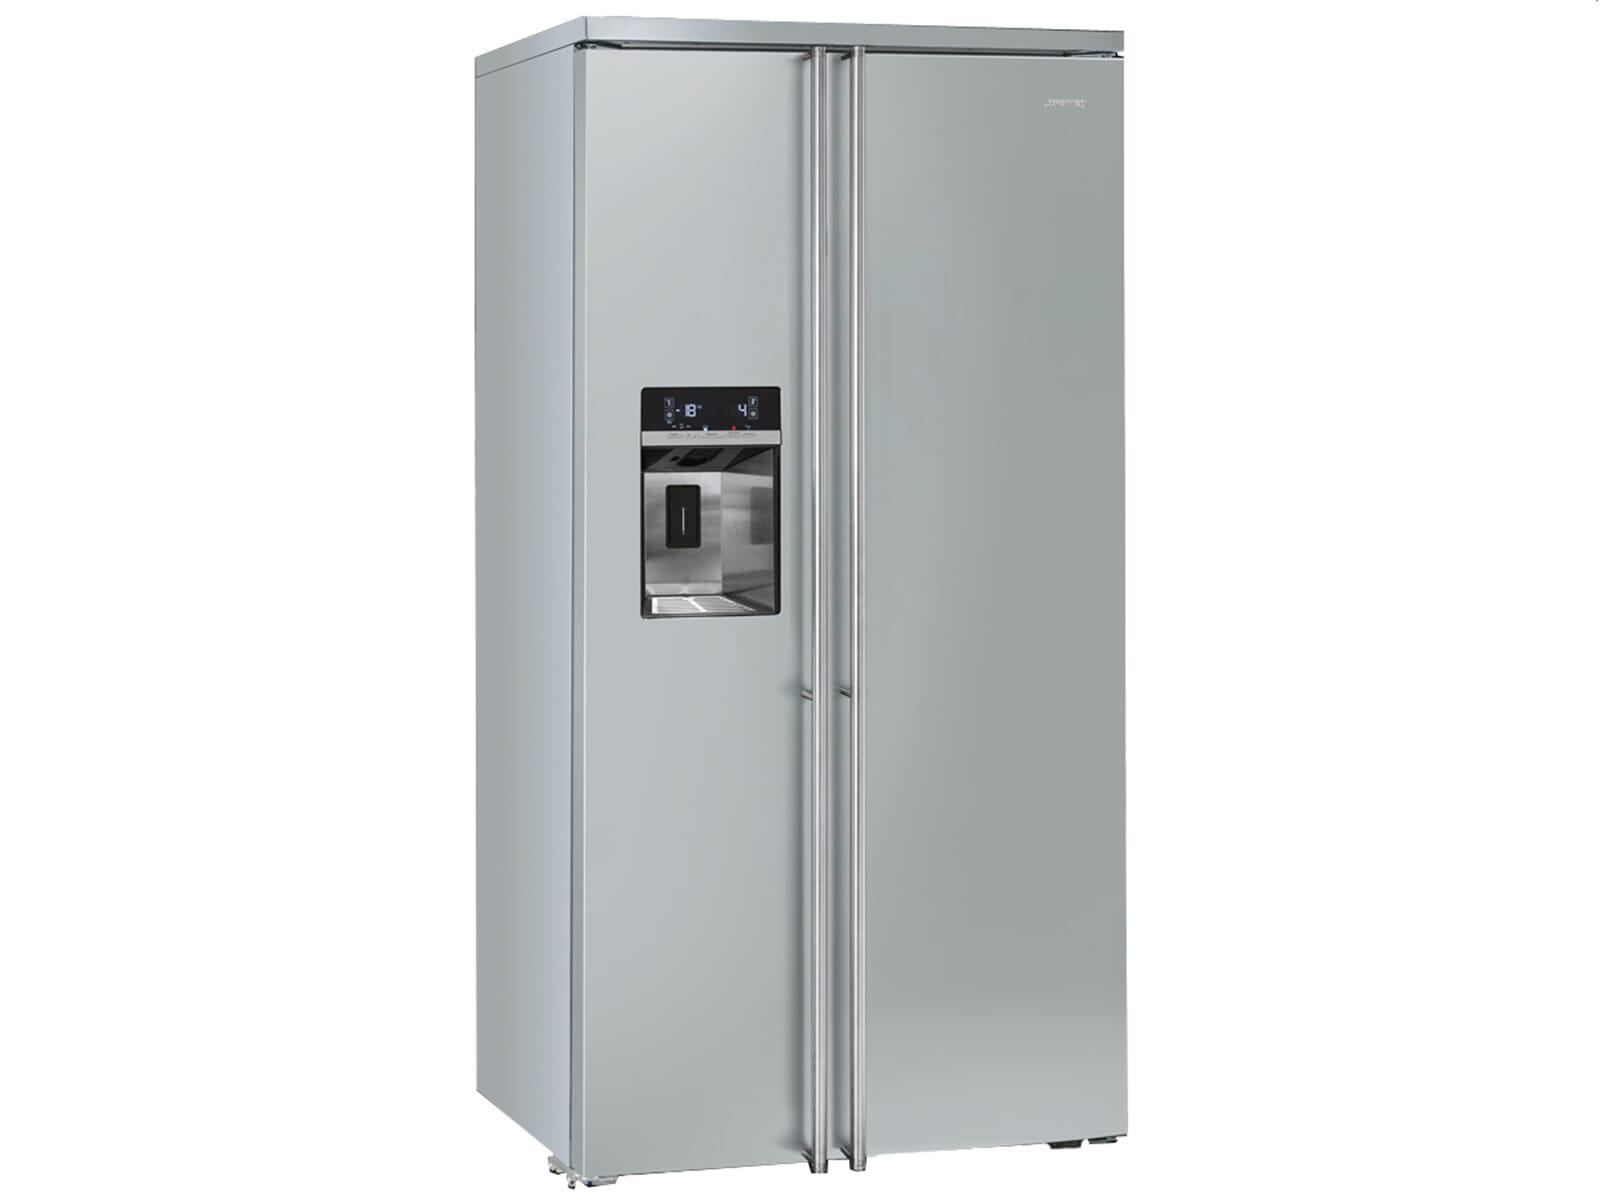 Smeg Kühlschrank 70 Cm : Smeg fa side by side kühl gefrier kombination edelstahl